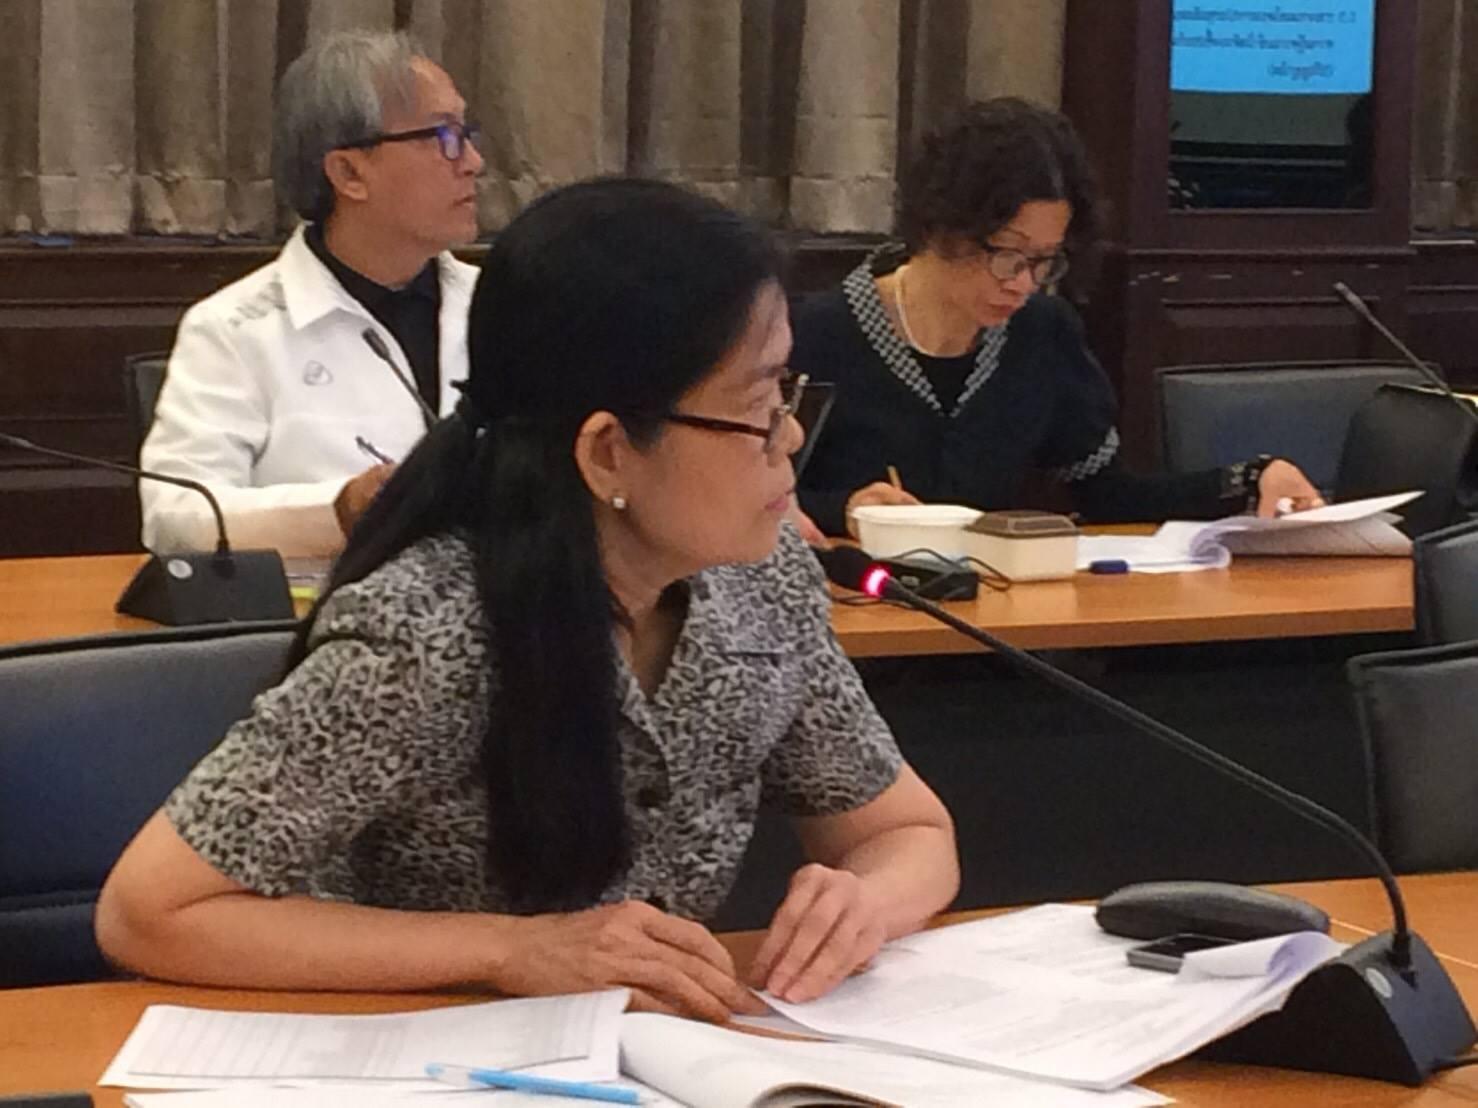 ประชุมคณะกรรมการพัฒนาระบบและกลไกการประกันคุณภาพการศึกษา มทร.ล้านนา  ครั้งที่ 1/2560 (25ม.ค.60)